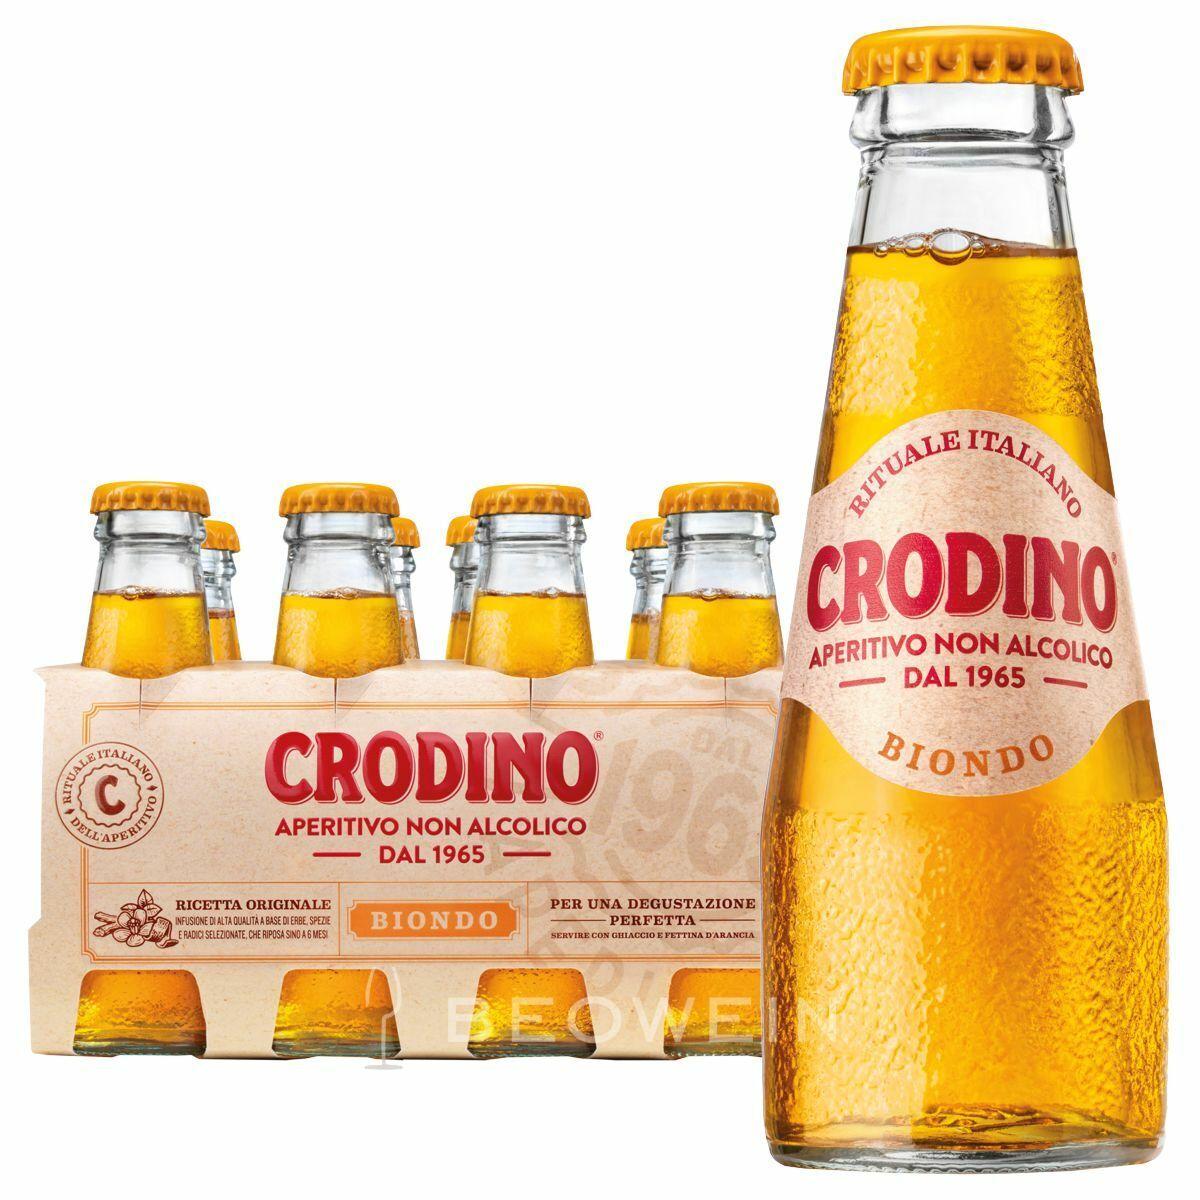 Crodino alkoholfreier Bitteraperitif, Packung mit 8 Flaschen je 9,8 cl – 0,098 l